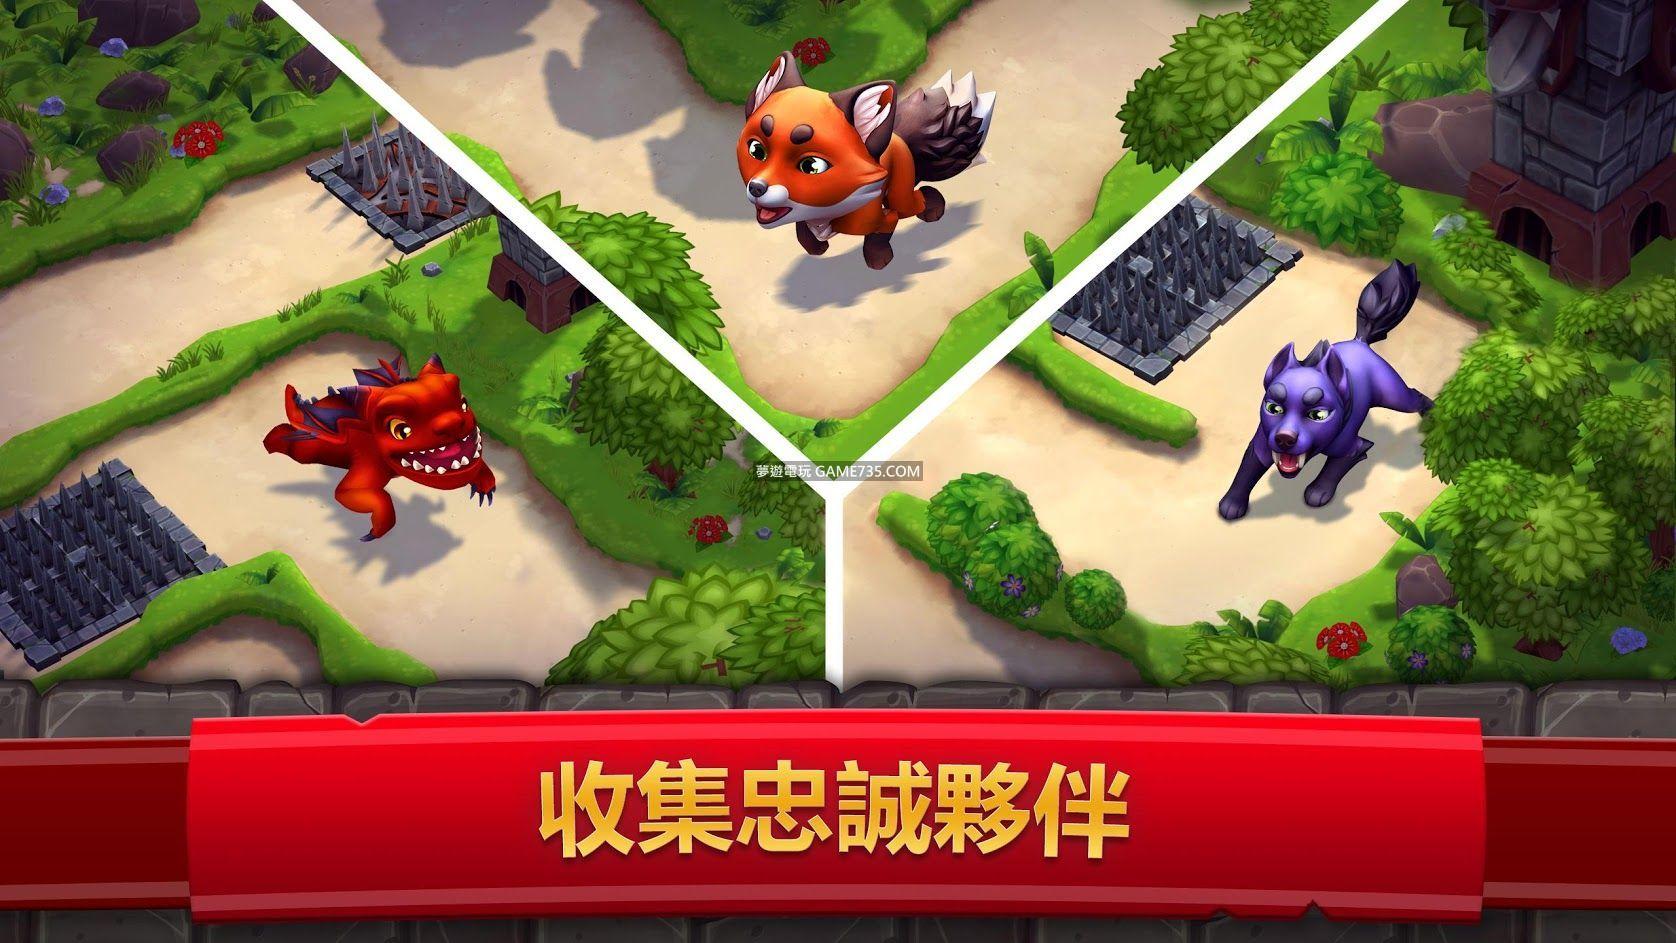 【修改版】皇家起義2 : RPG  v6.0.1 中文 無敵 20200401